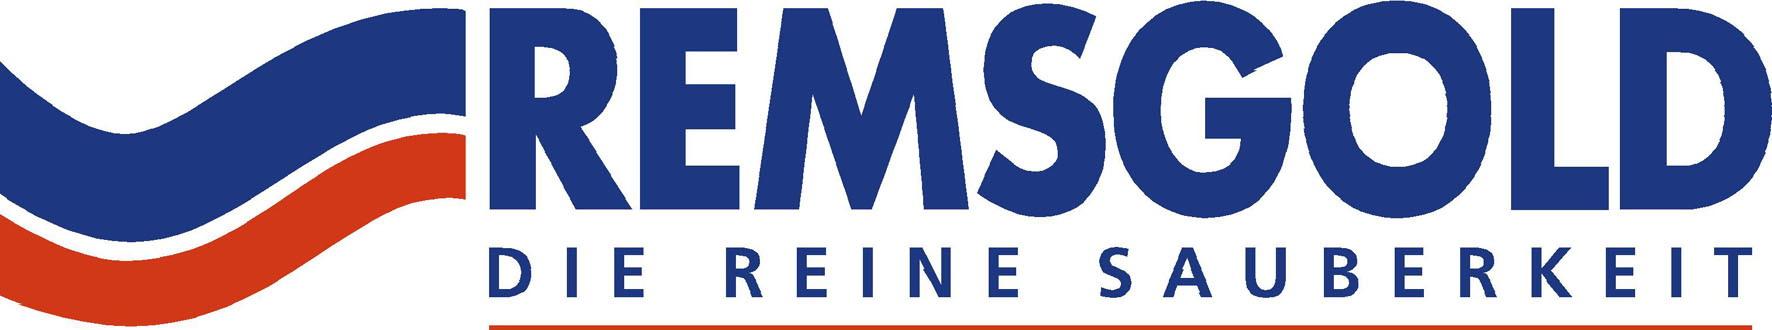 Remsgold produtos para limpeza e desinfeccao